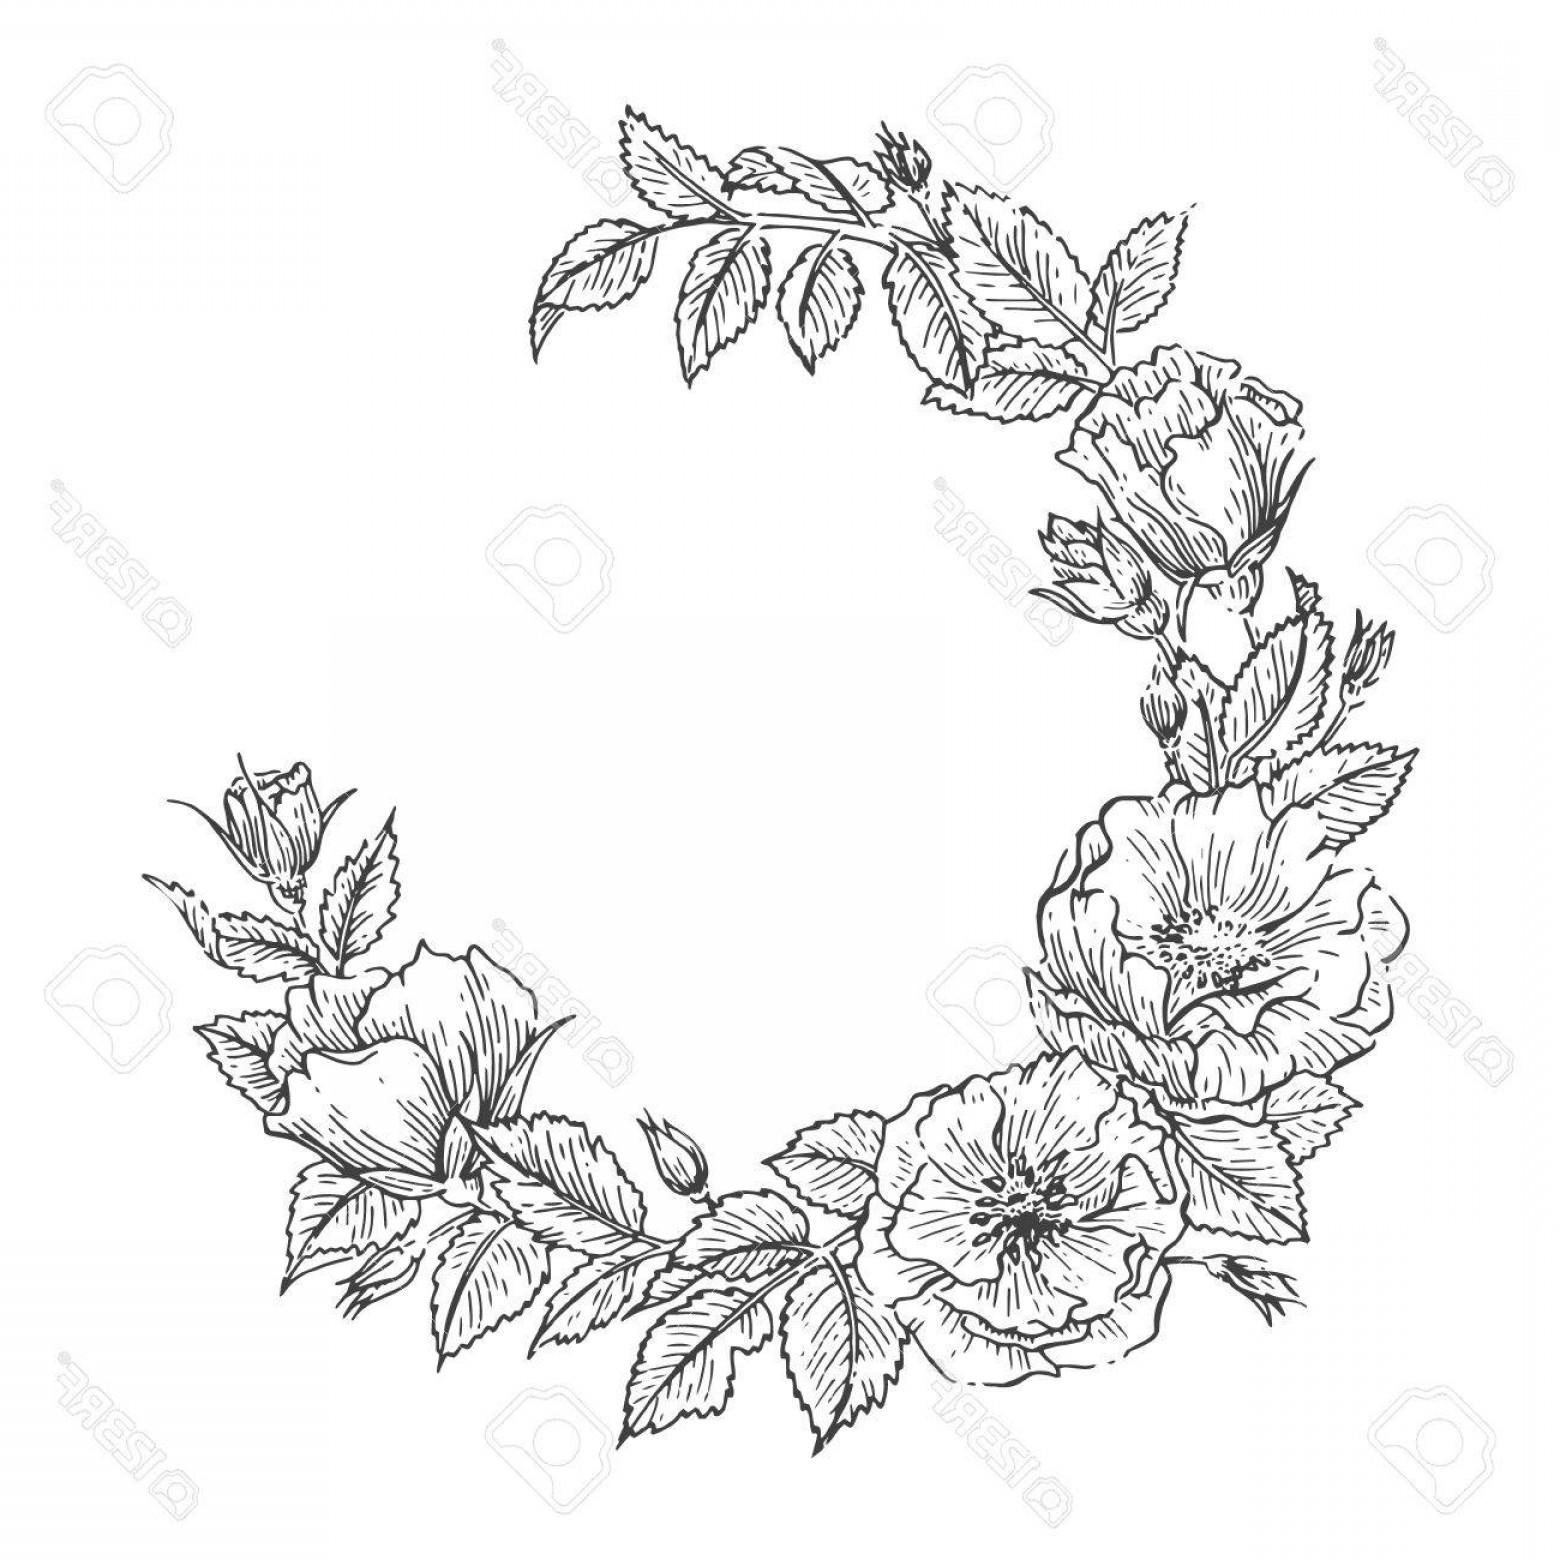 1560x1560 Photostock Vector Hand Drawn Sketch Garden Floweral Wreath Vector